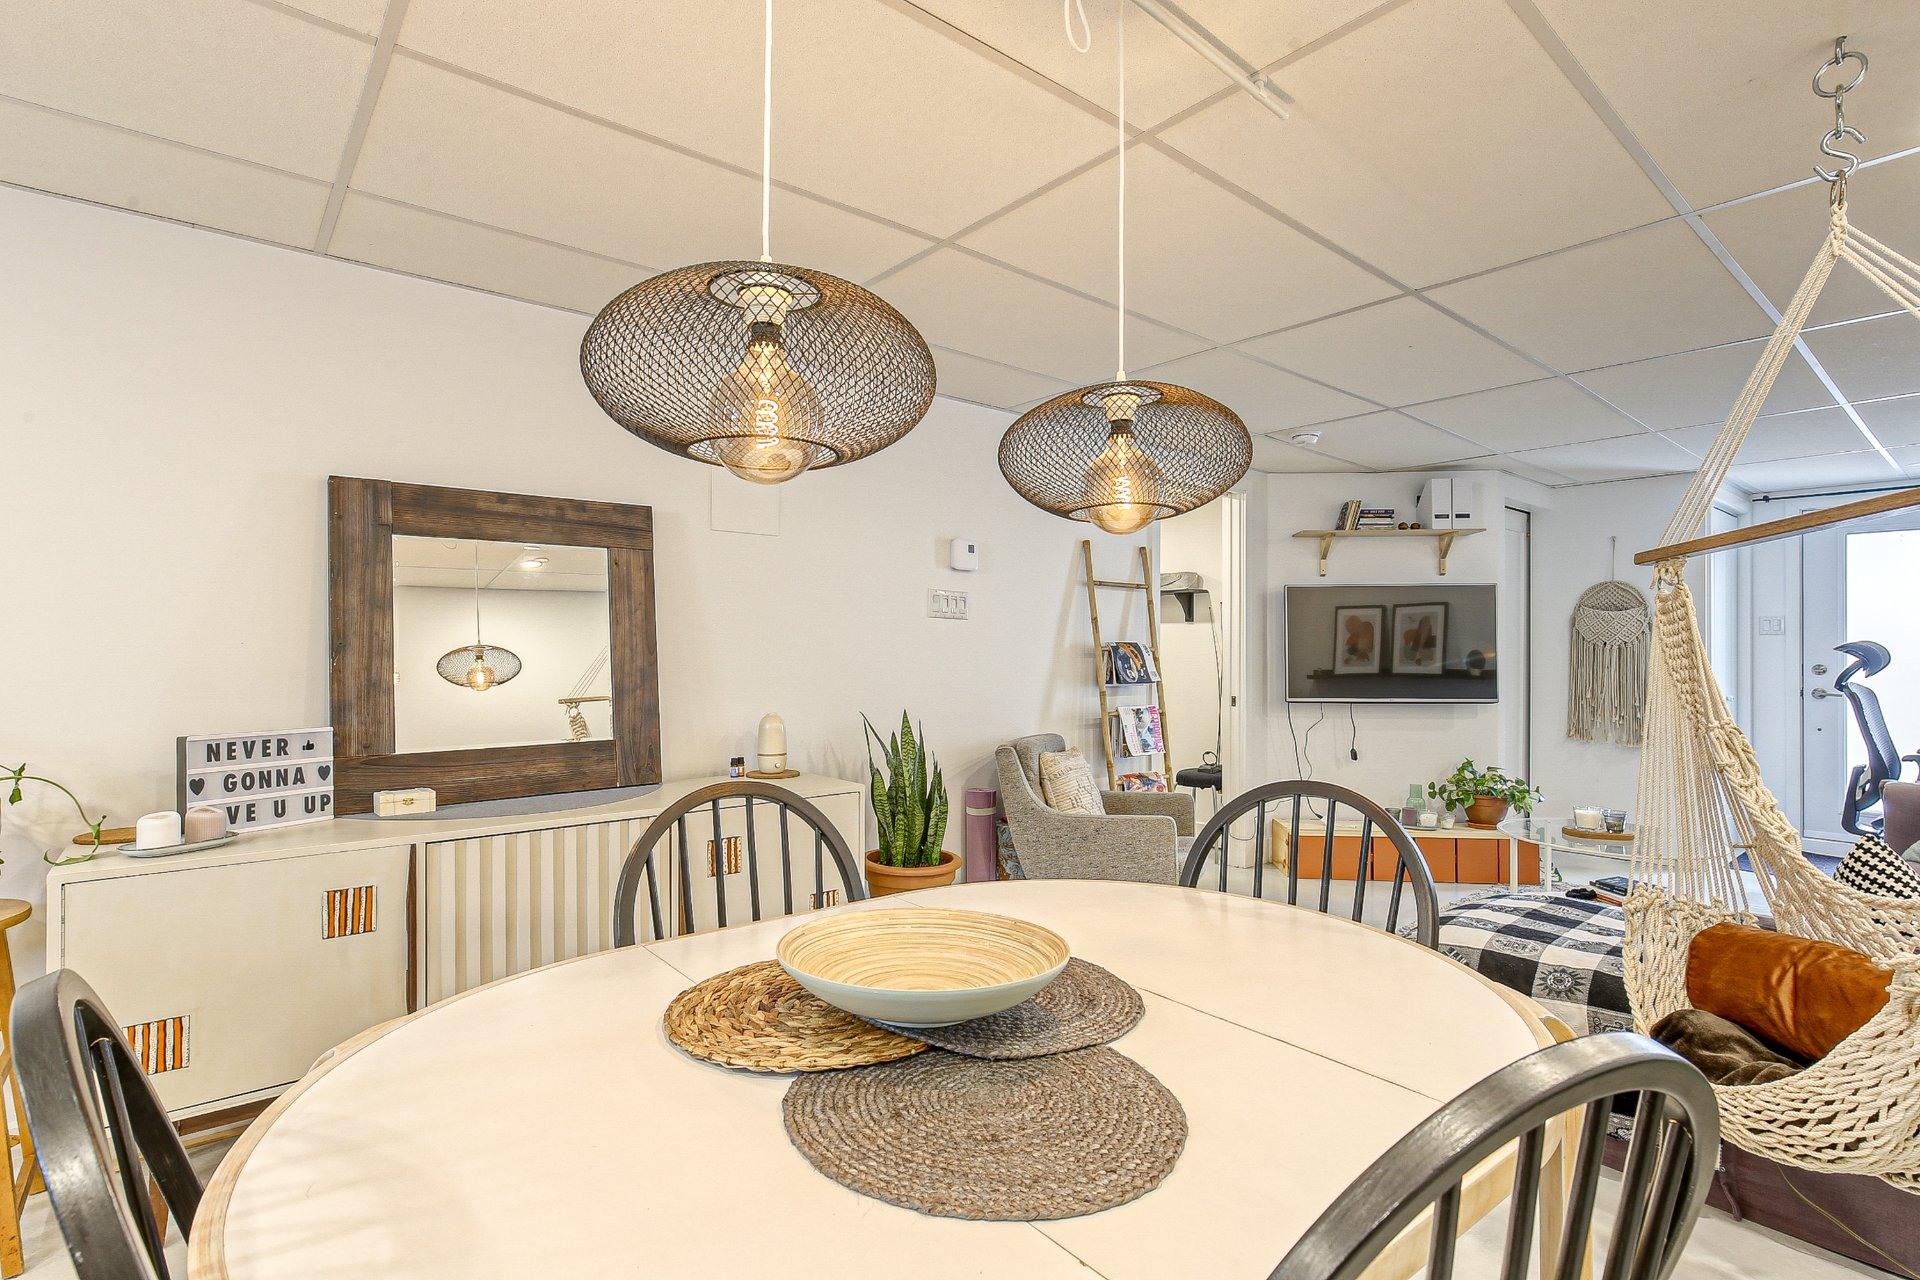 image 21 - Duplex À vendre Villeray/Saint-Michel/Parc-Extension Montréal  - 5 pièces